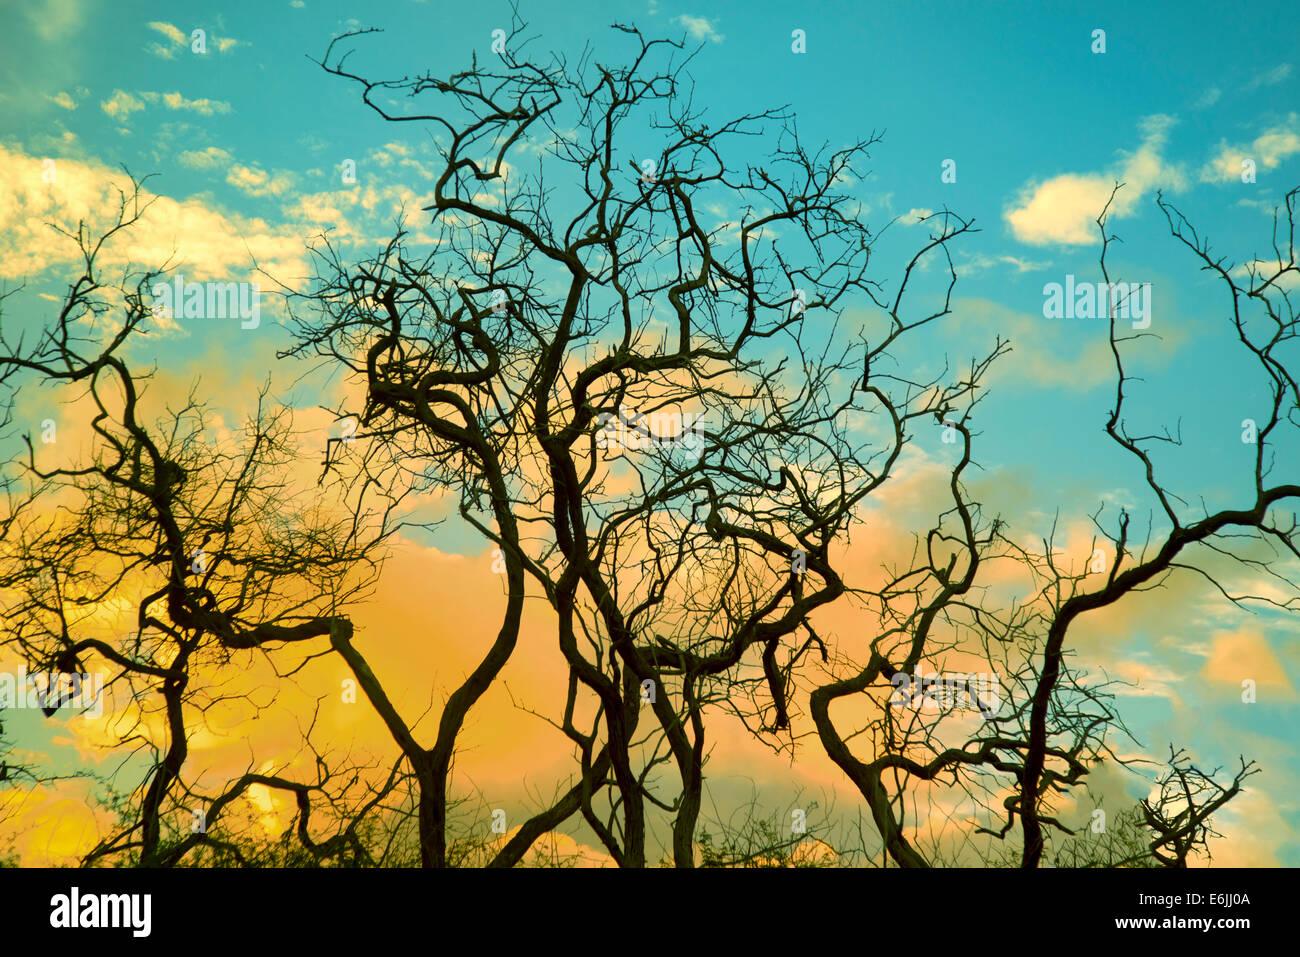 La silhouette des branches d'arbre et le lever du soleil. Lanai, Hawaii. Photo Stock